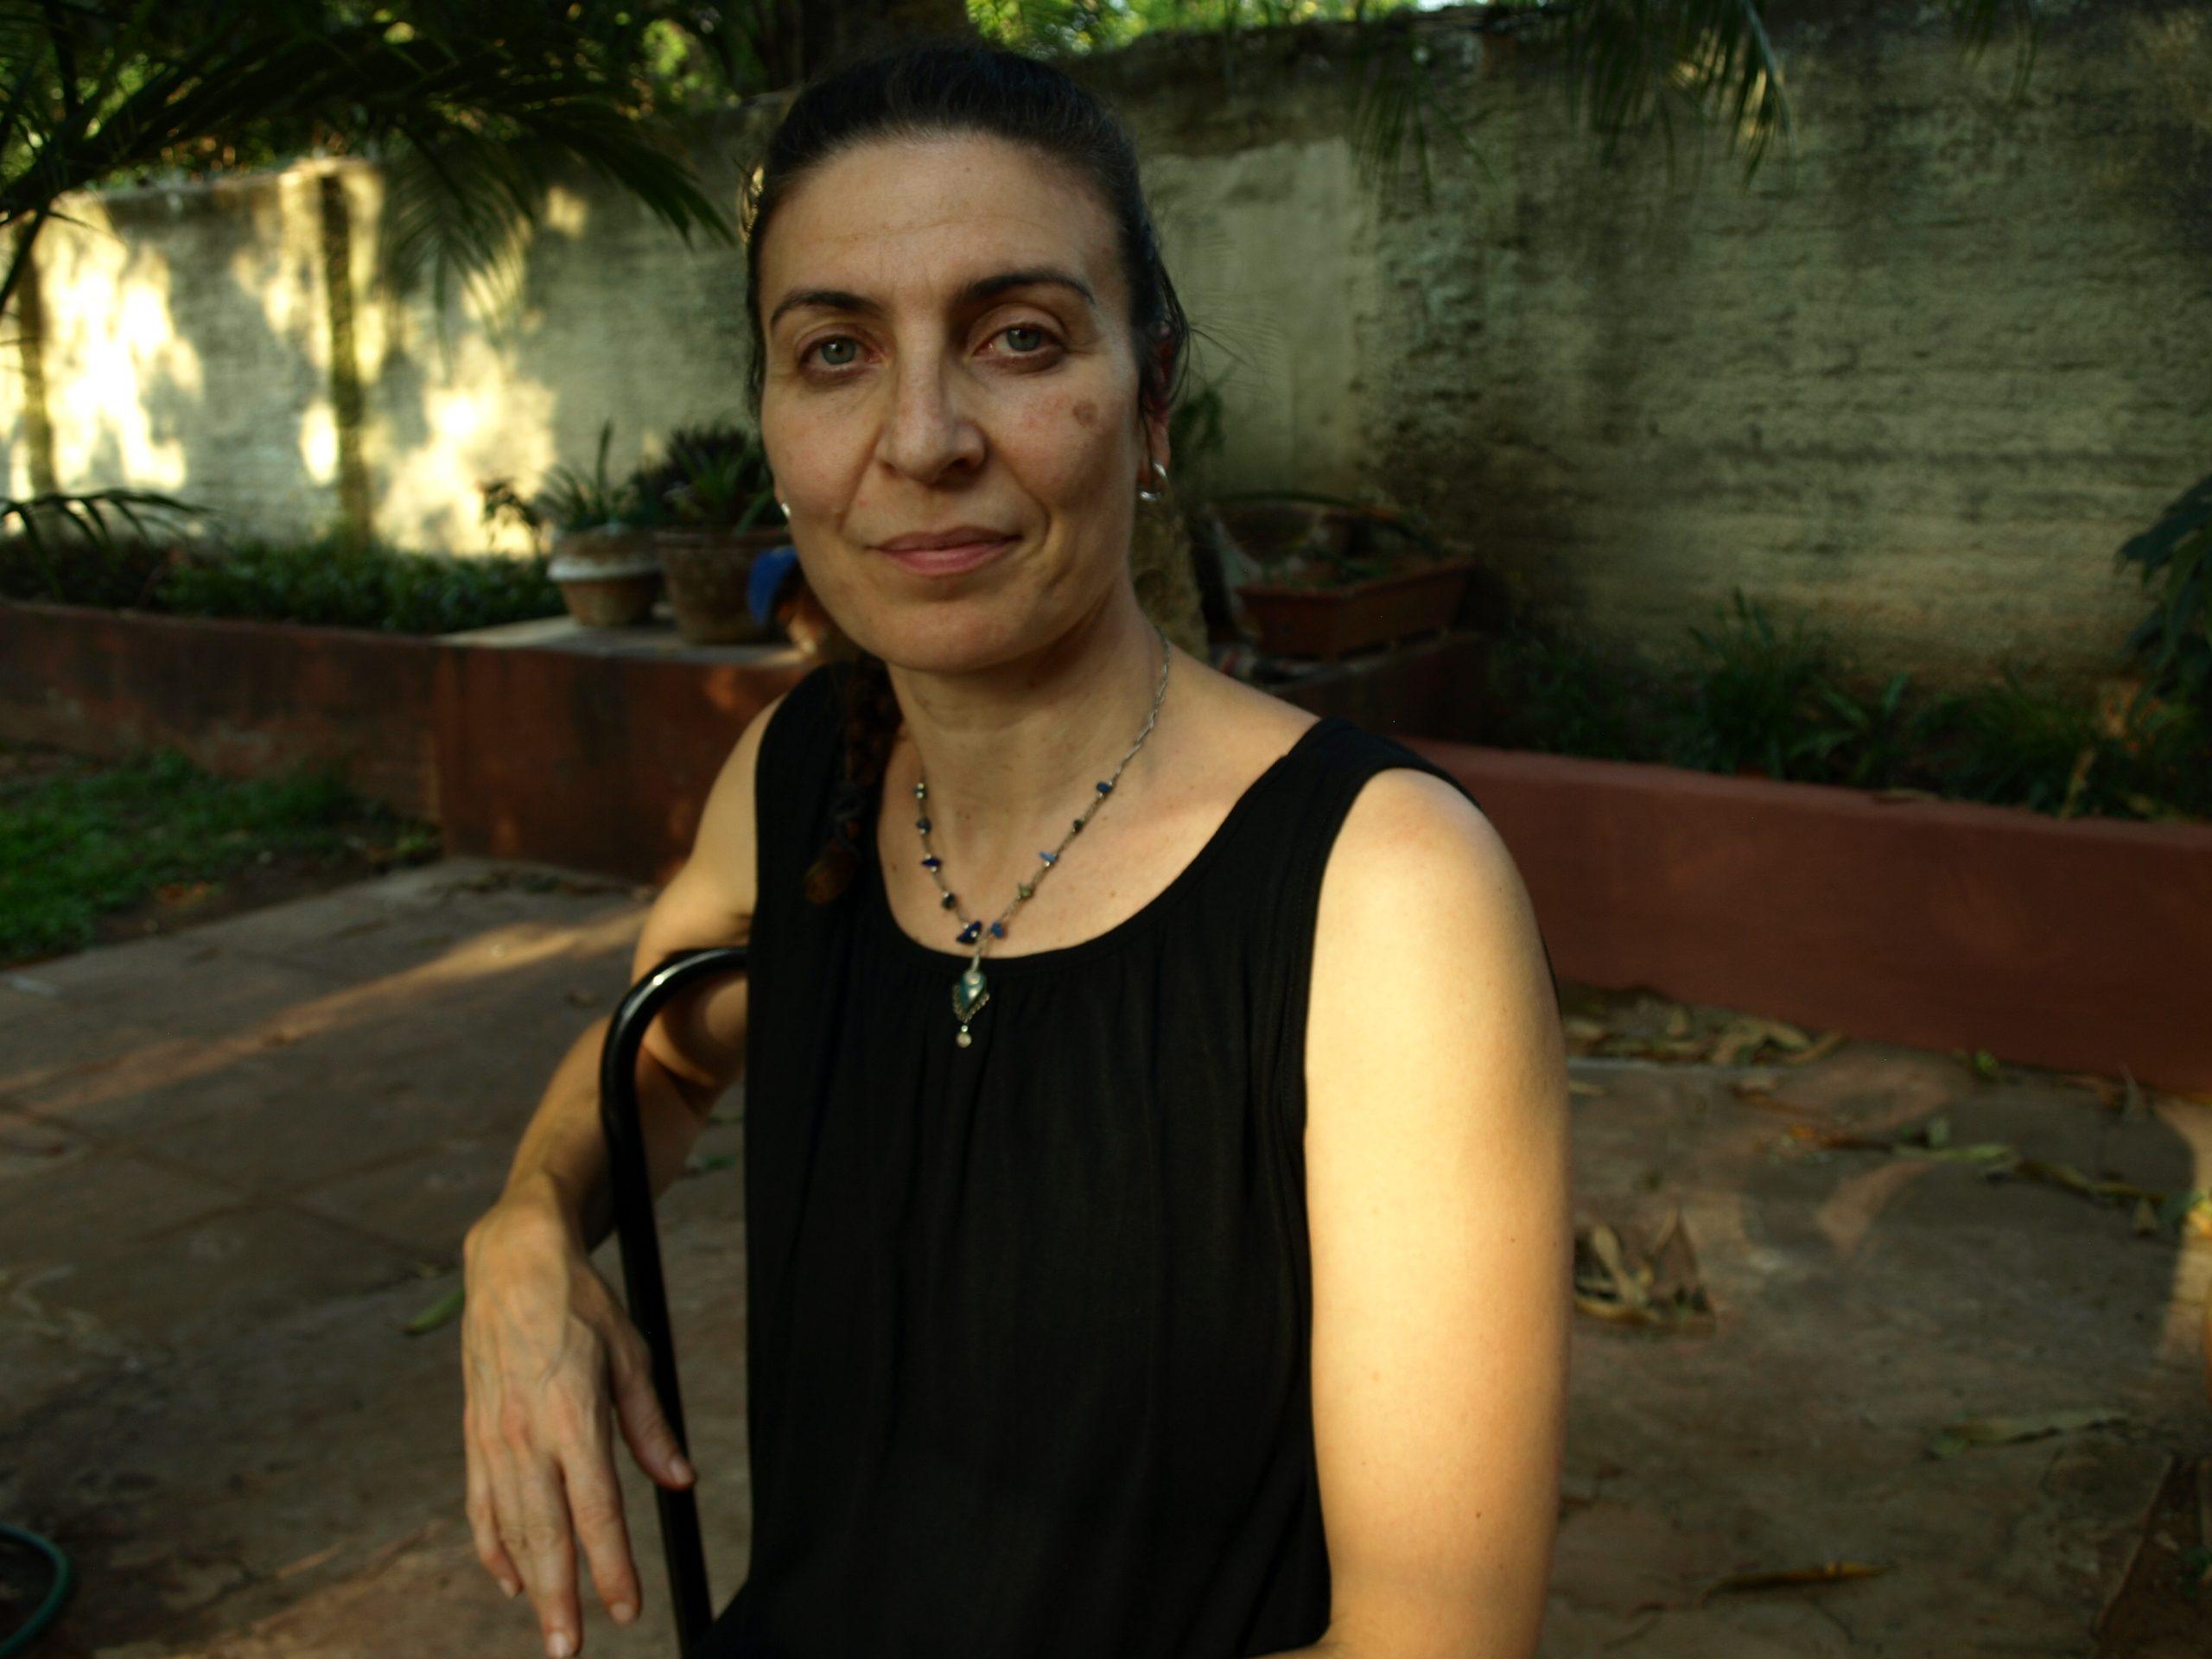 María José Diez Gálvez (Gentileza)